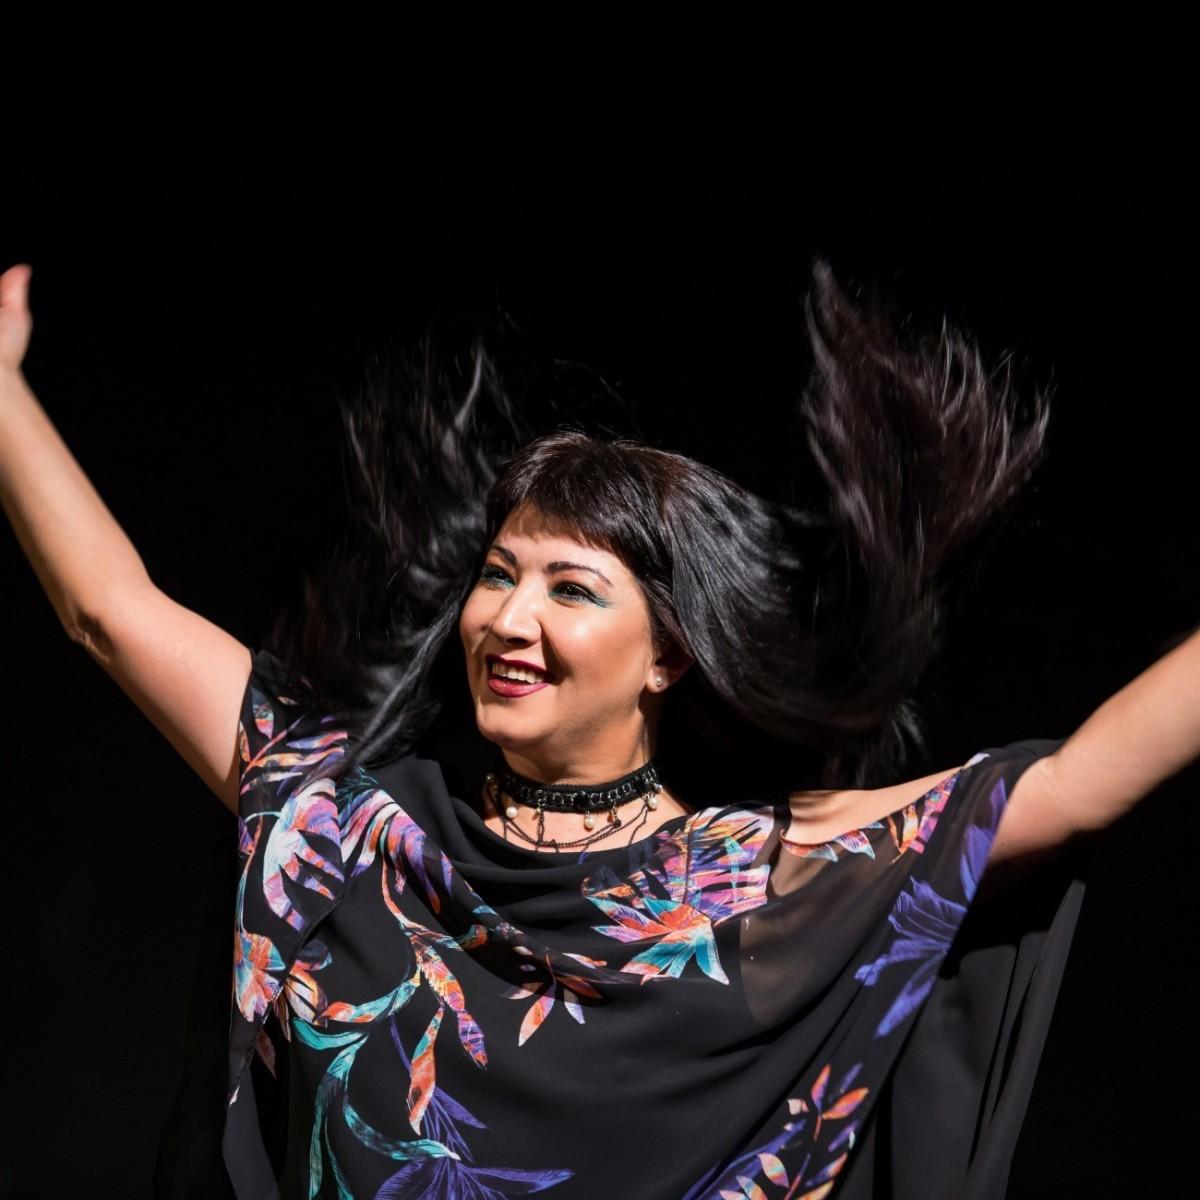 Diana Podăreanu